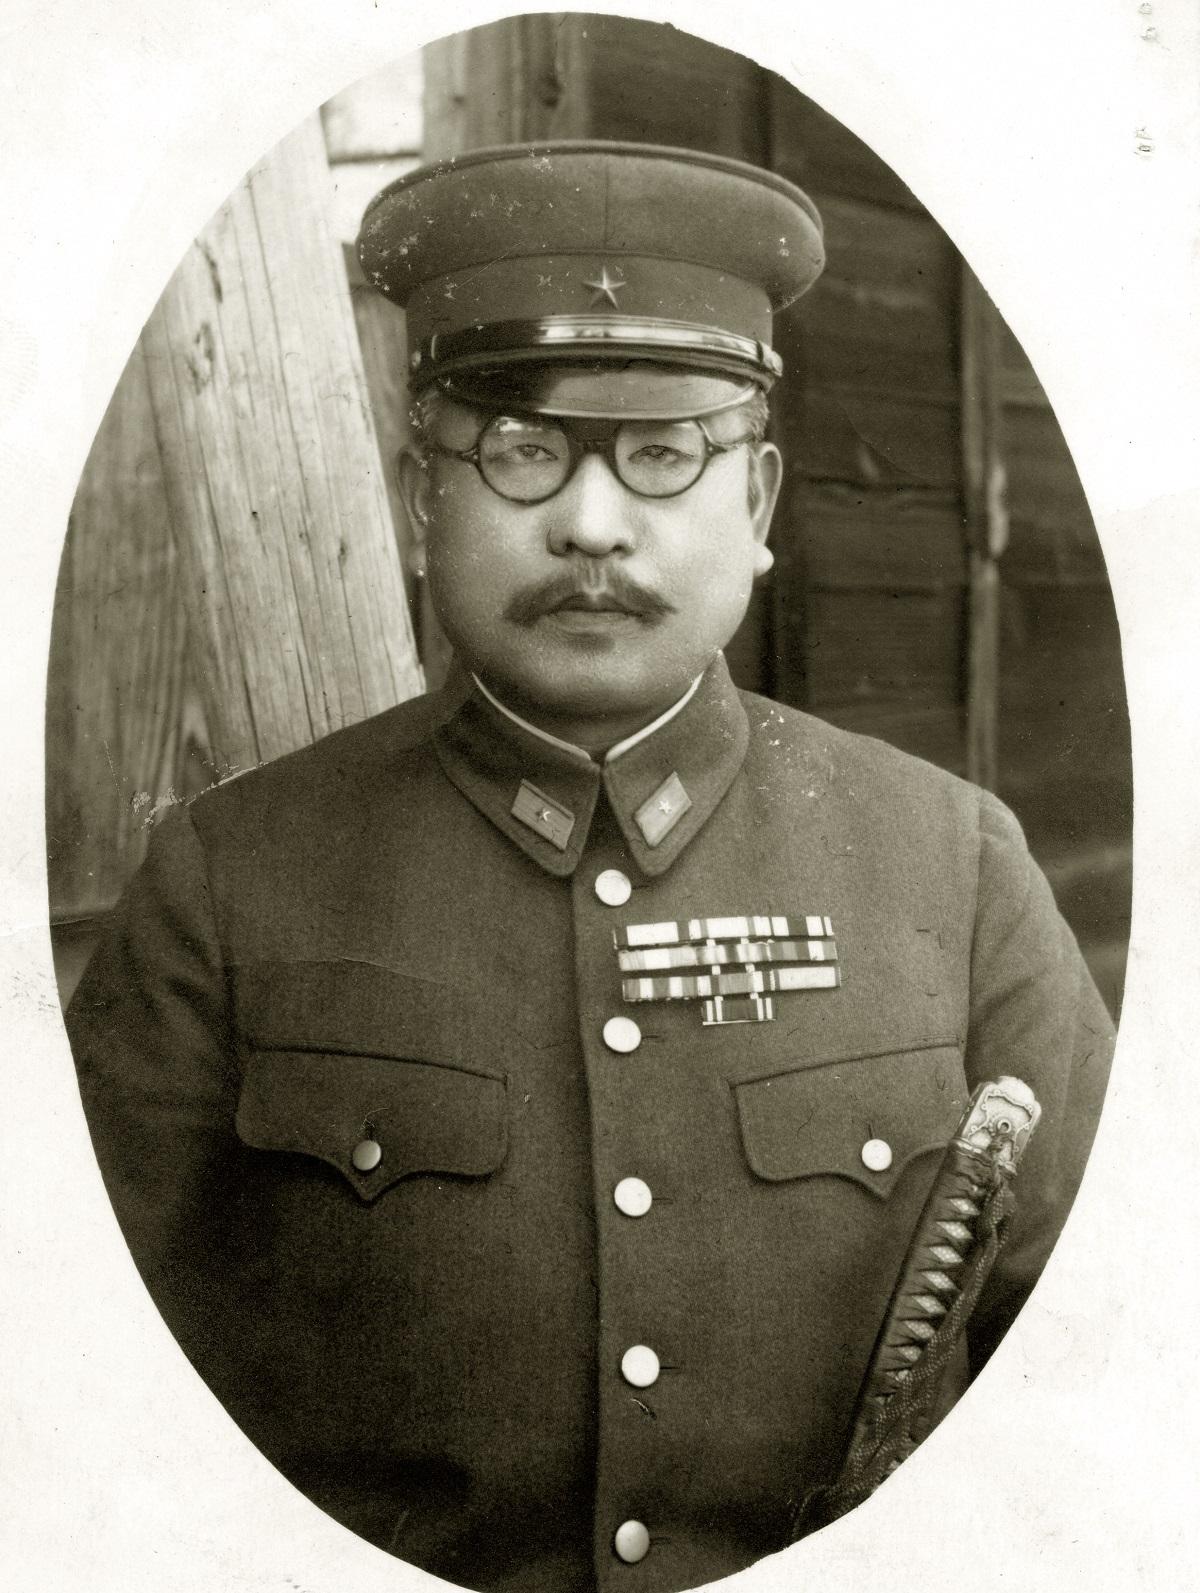 中村明人(軍人) 愛知県出身。陸軍士官学校、陸軍大学校卒業。陸軍少将(=写真)、1939年陸軍中将。憲兵司令官、泰国(タイ)駐屯軍司令官などを歴任。戦後、戦犯となったが不起訴釈放。財団法人日・タイ協会副会長